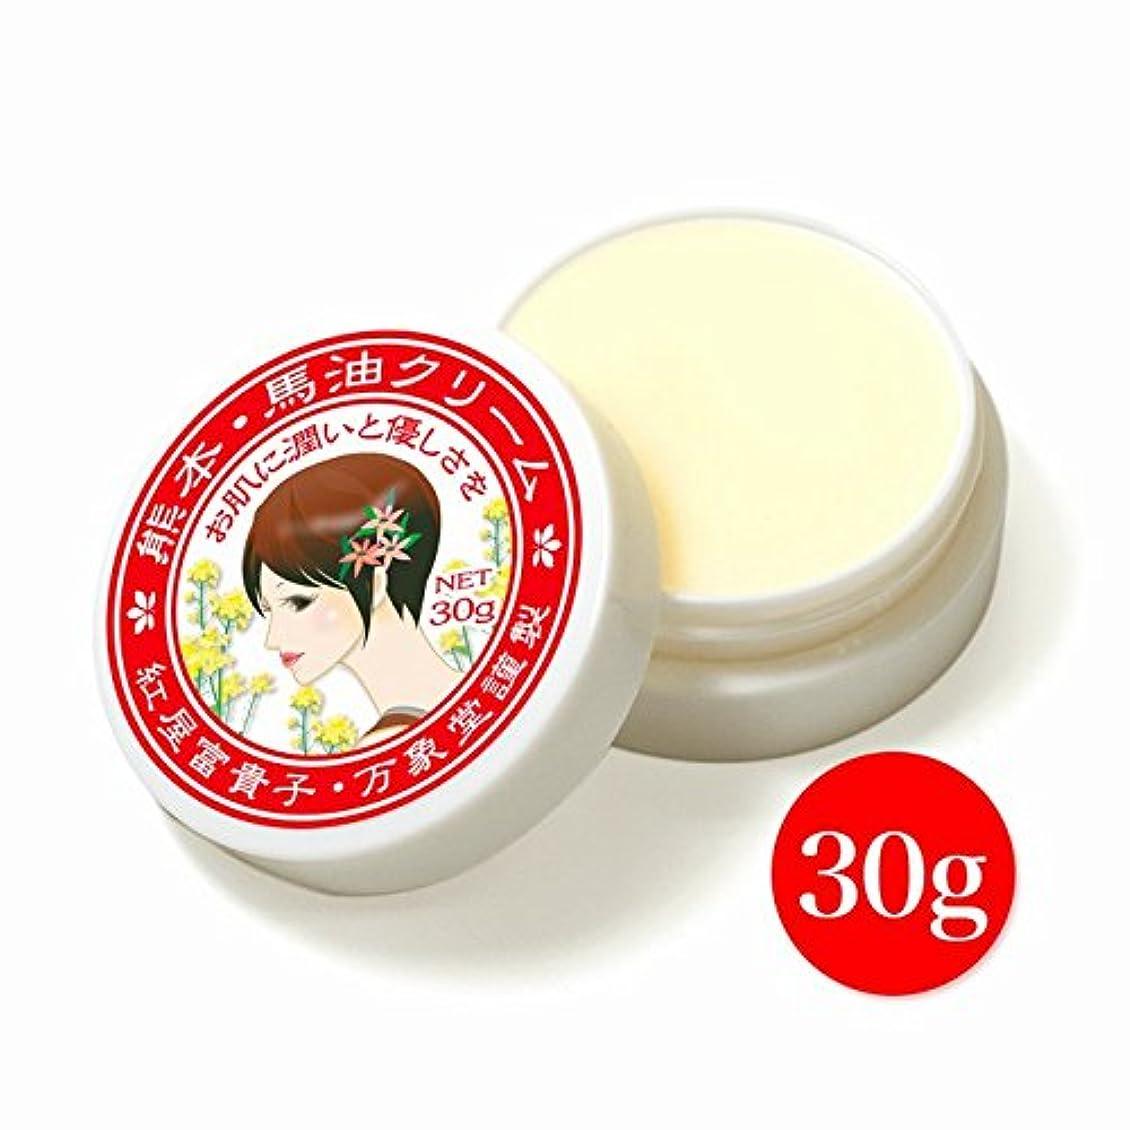 成分伴う宿泊施設森羅万象堂 馬油クリーム 30g (ラベンダーの香り)精油 アロマ 国産 保湿 スキンクリーム